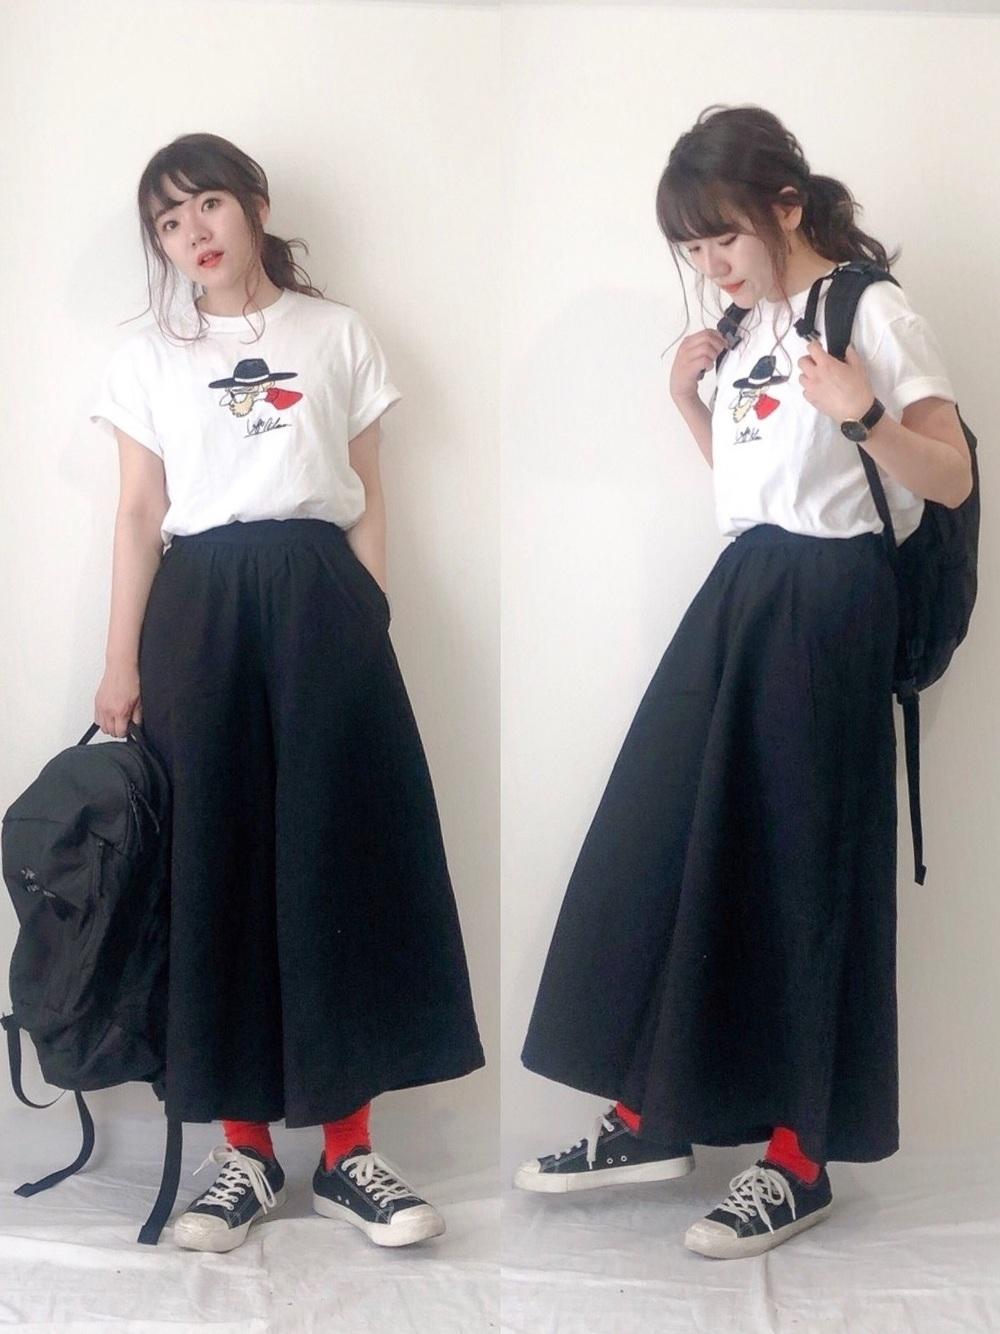 黒リュック × 黒ワイドパンツ